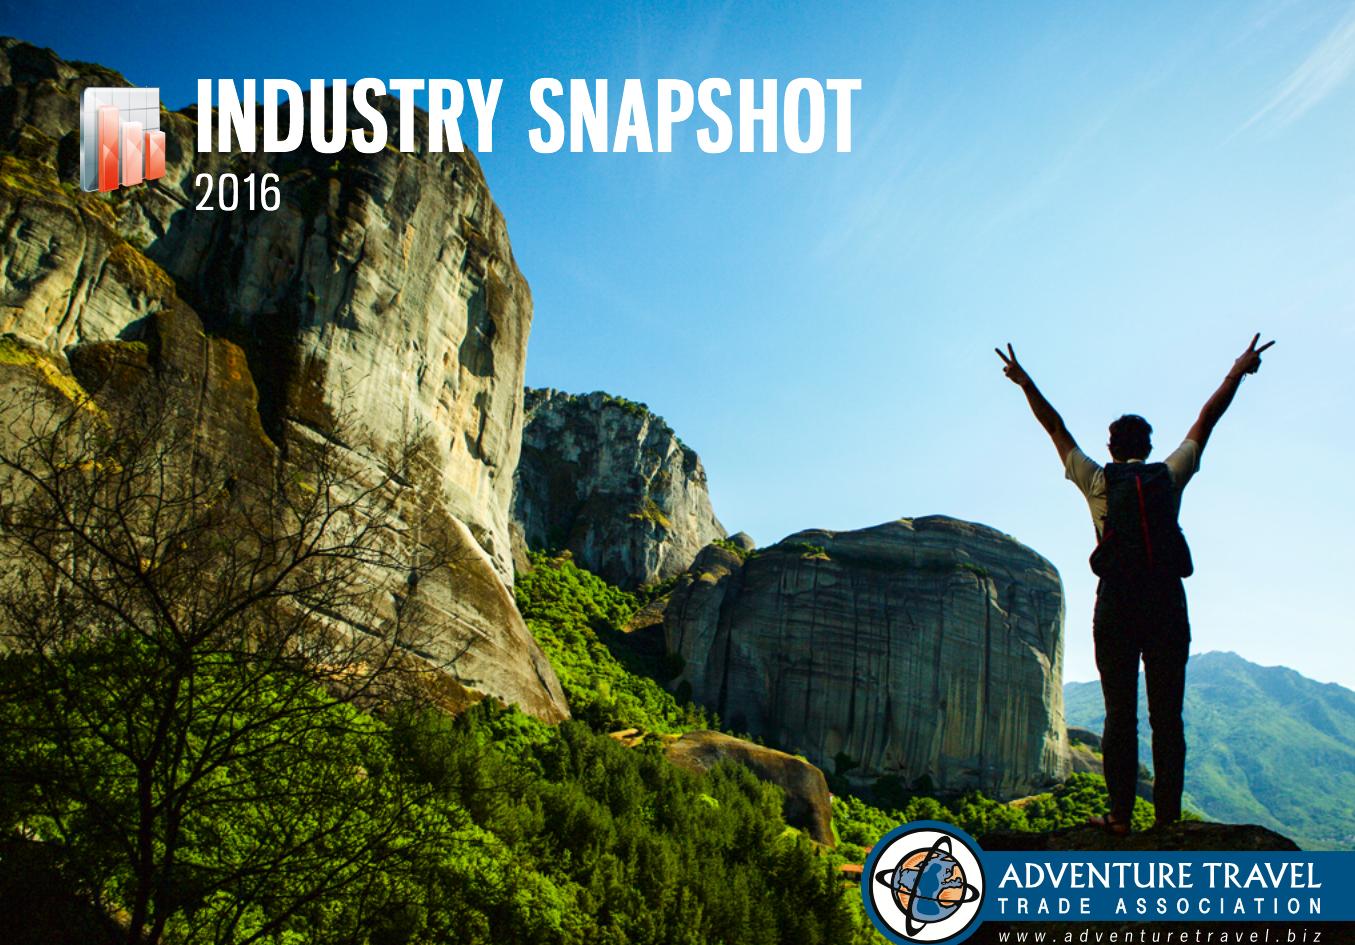 2016 Industry Snapshot